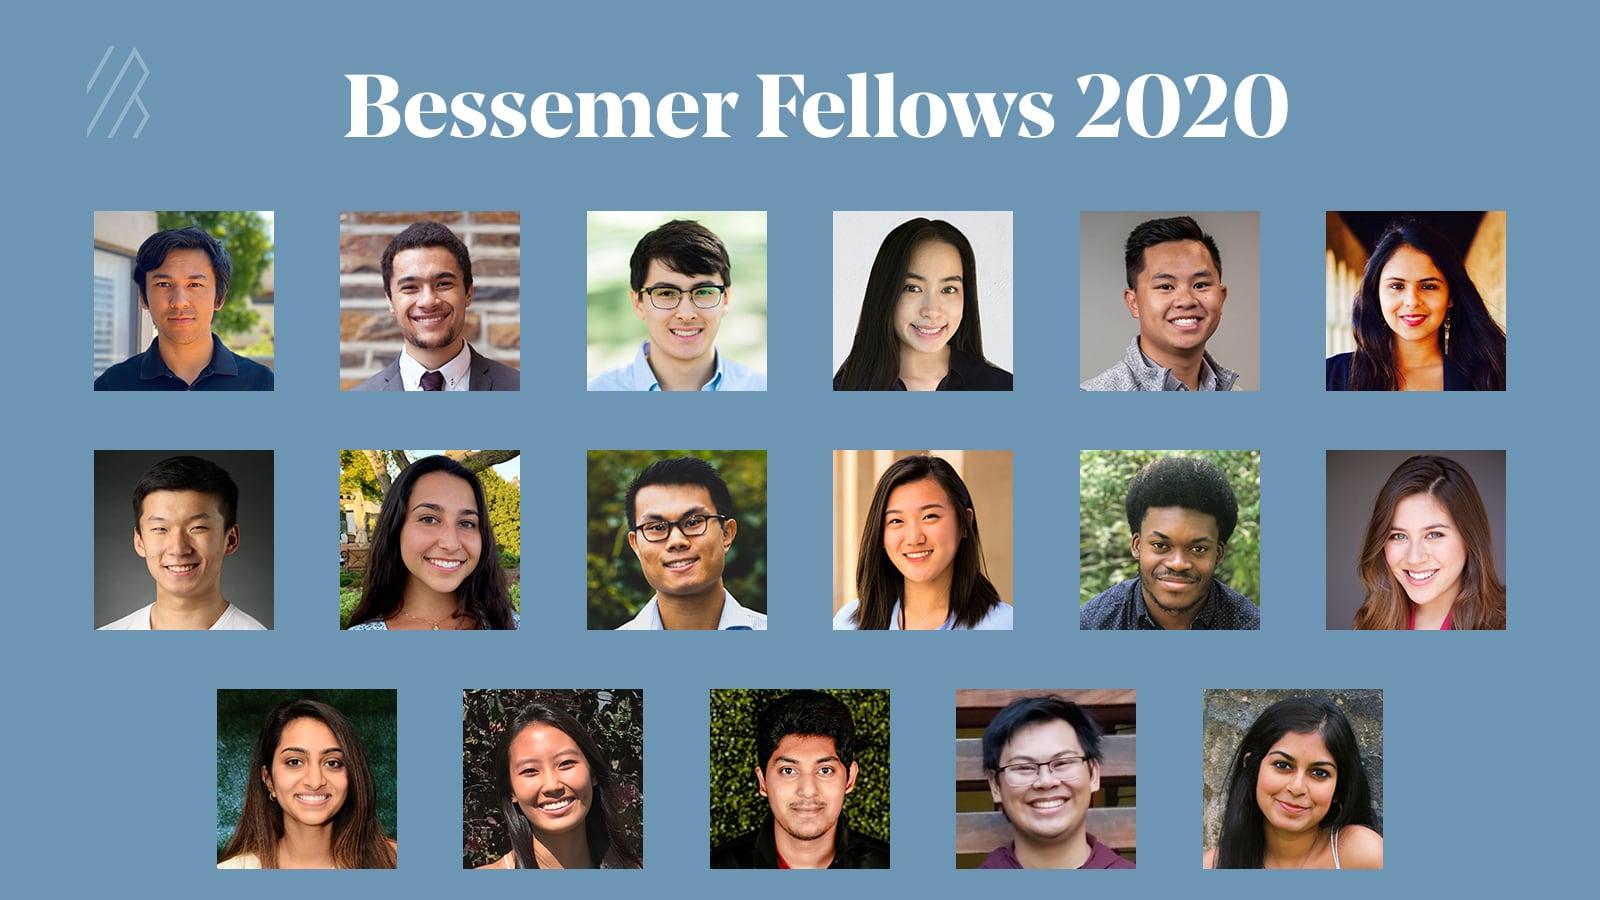 Bessemer Fellows 2020